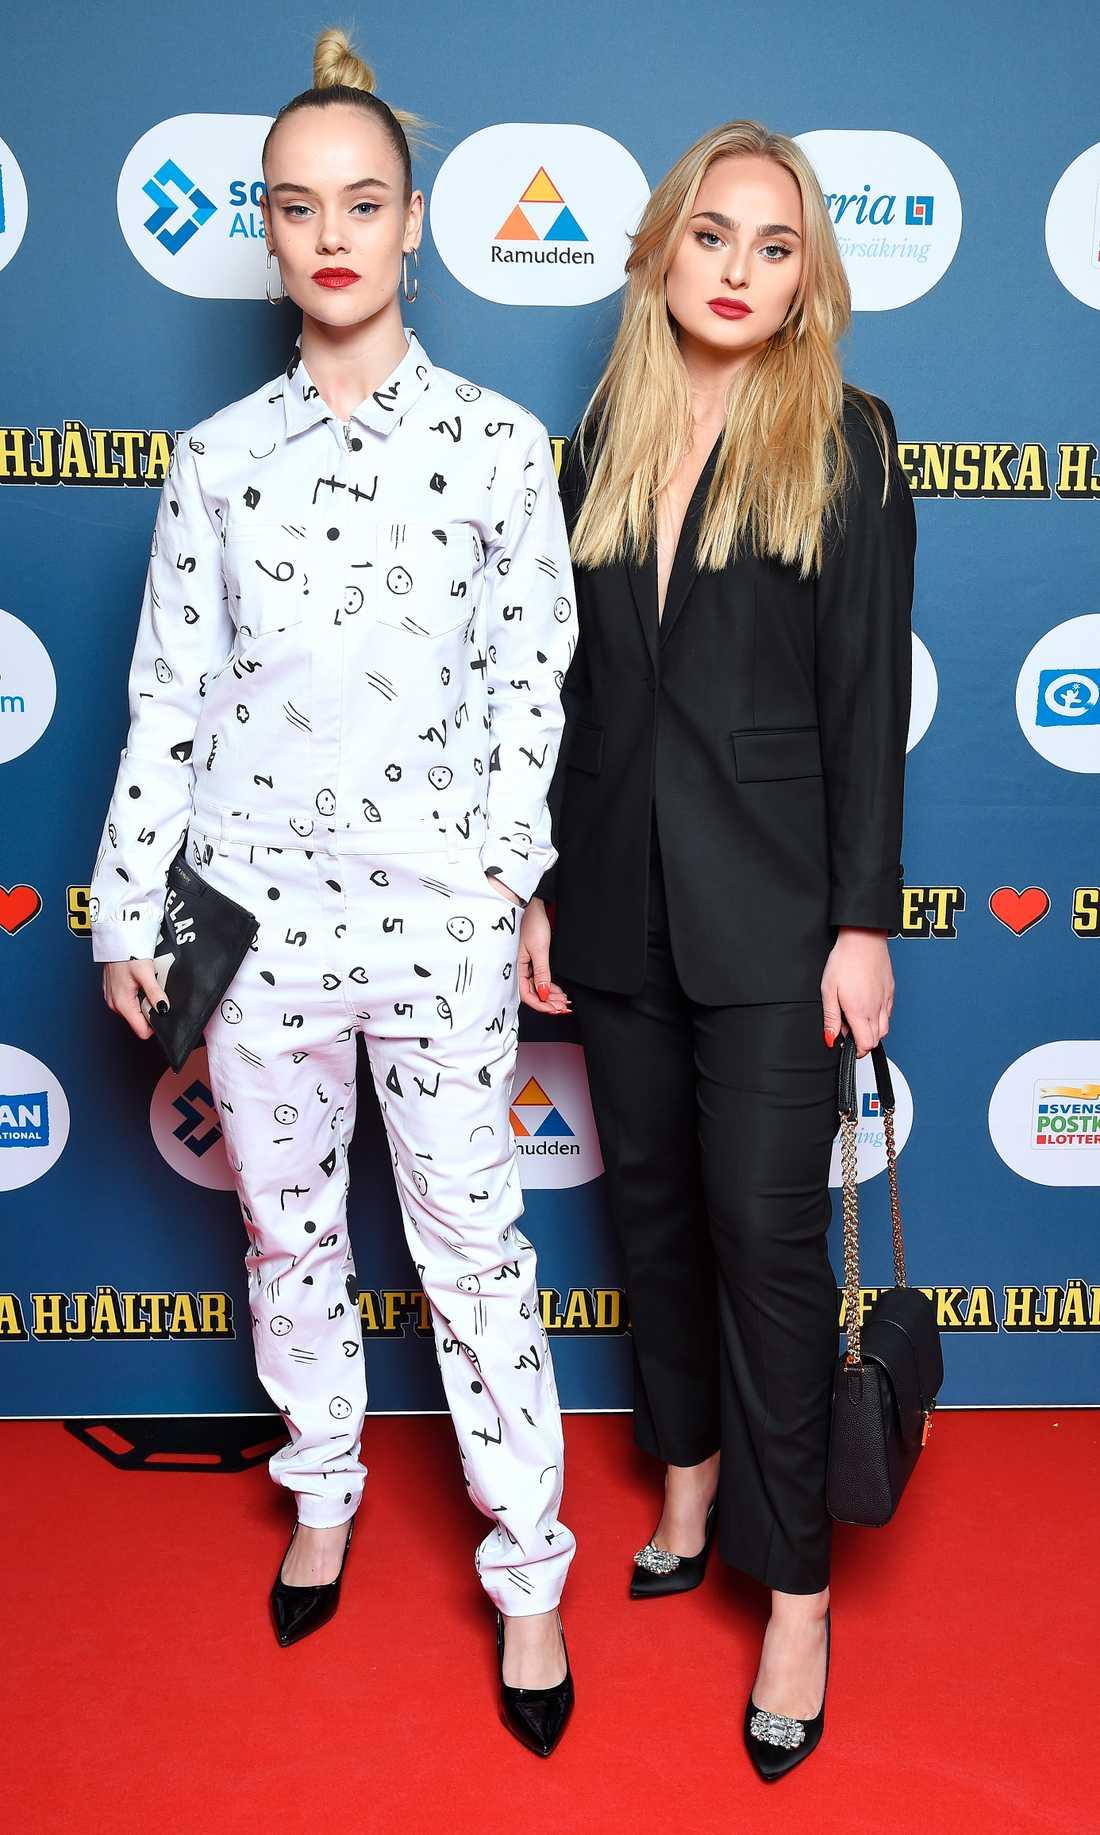 Amanda Winberg och Alice Stenlöf